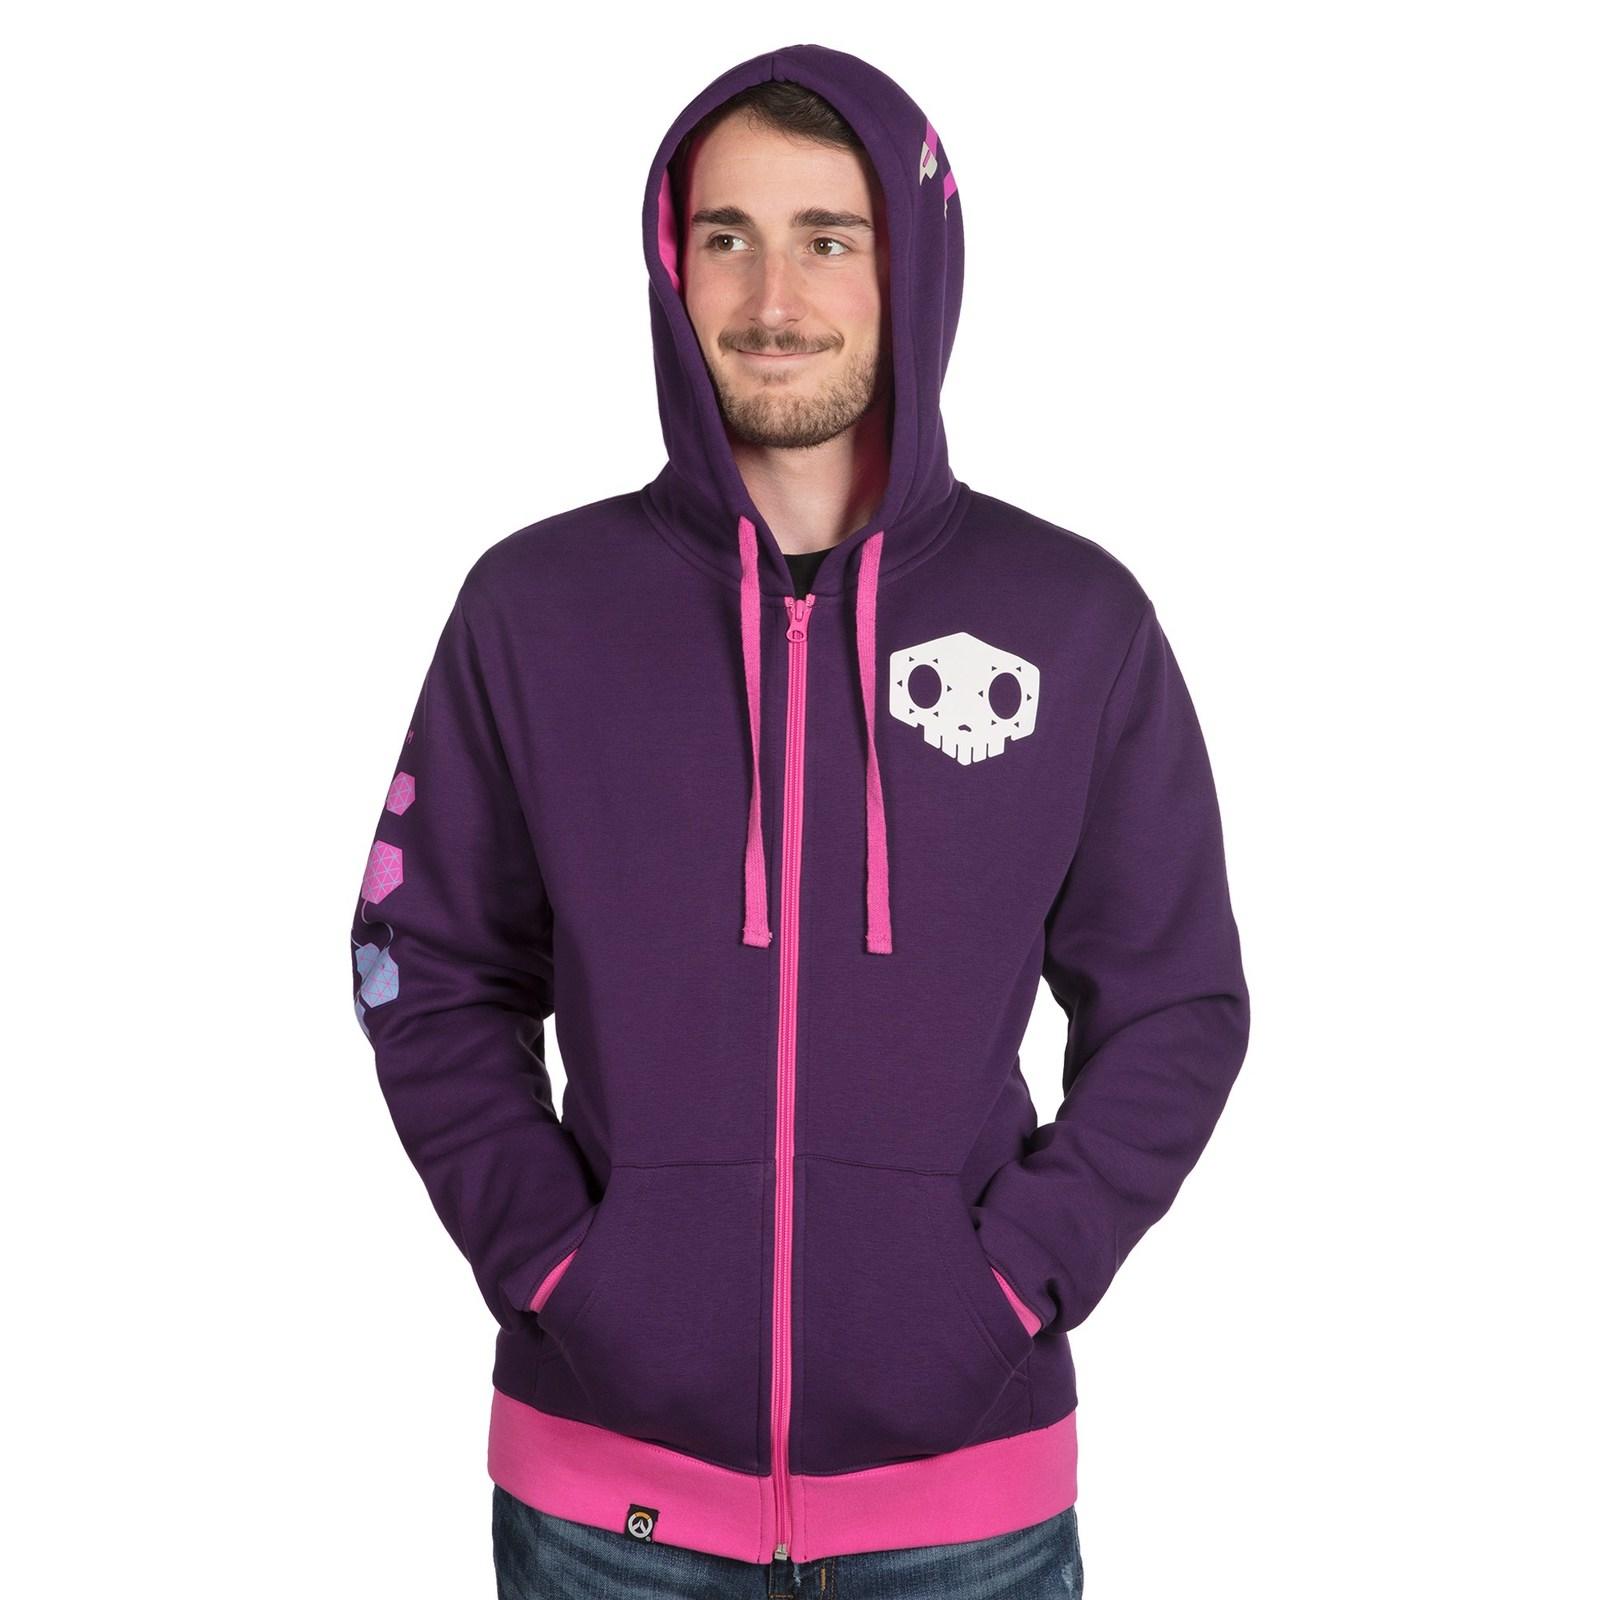 Overwatch Ultimate Sombra Zip-Up Hoodie (XL) image